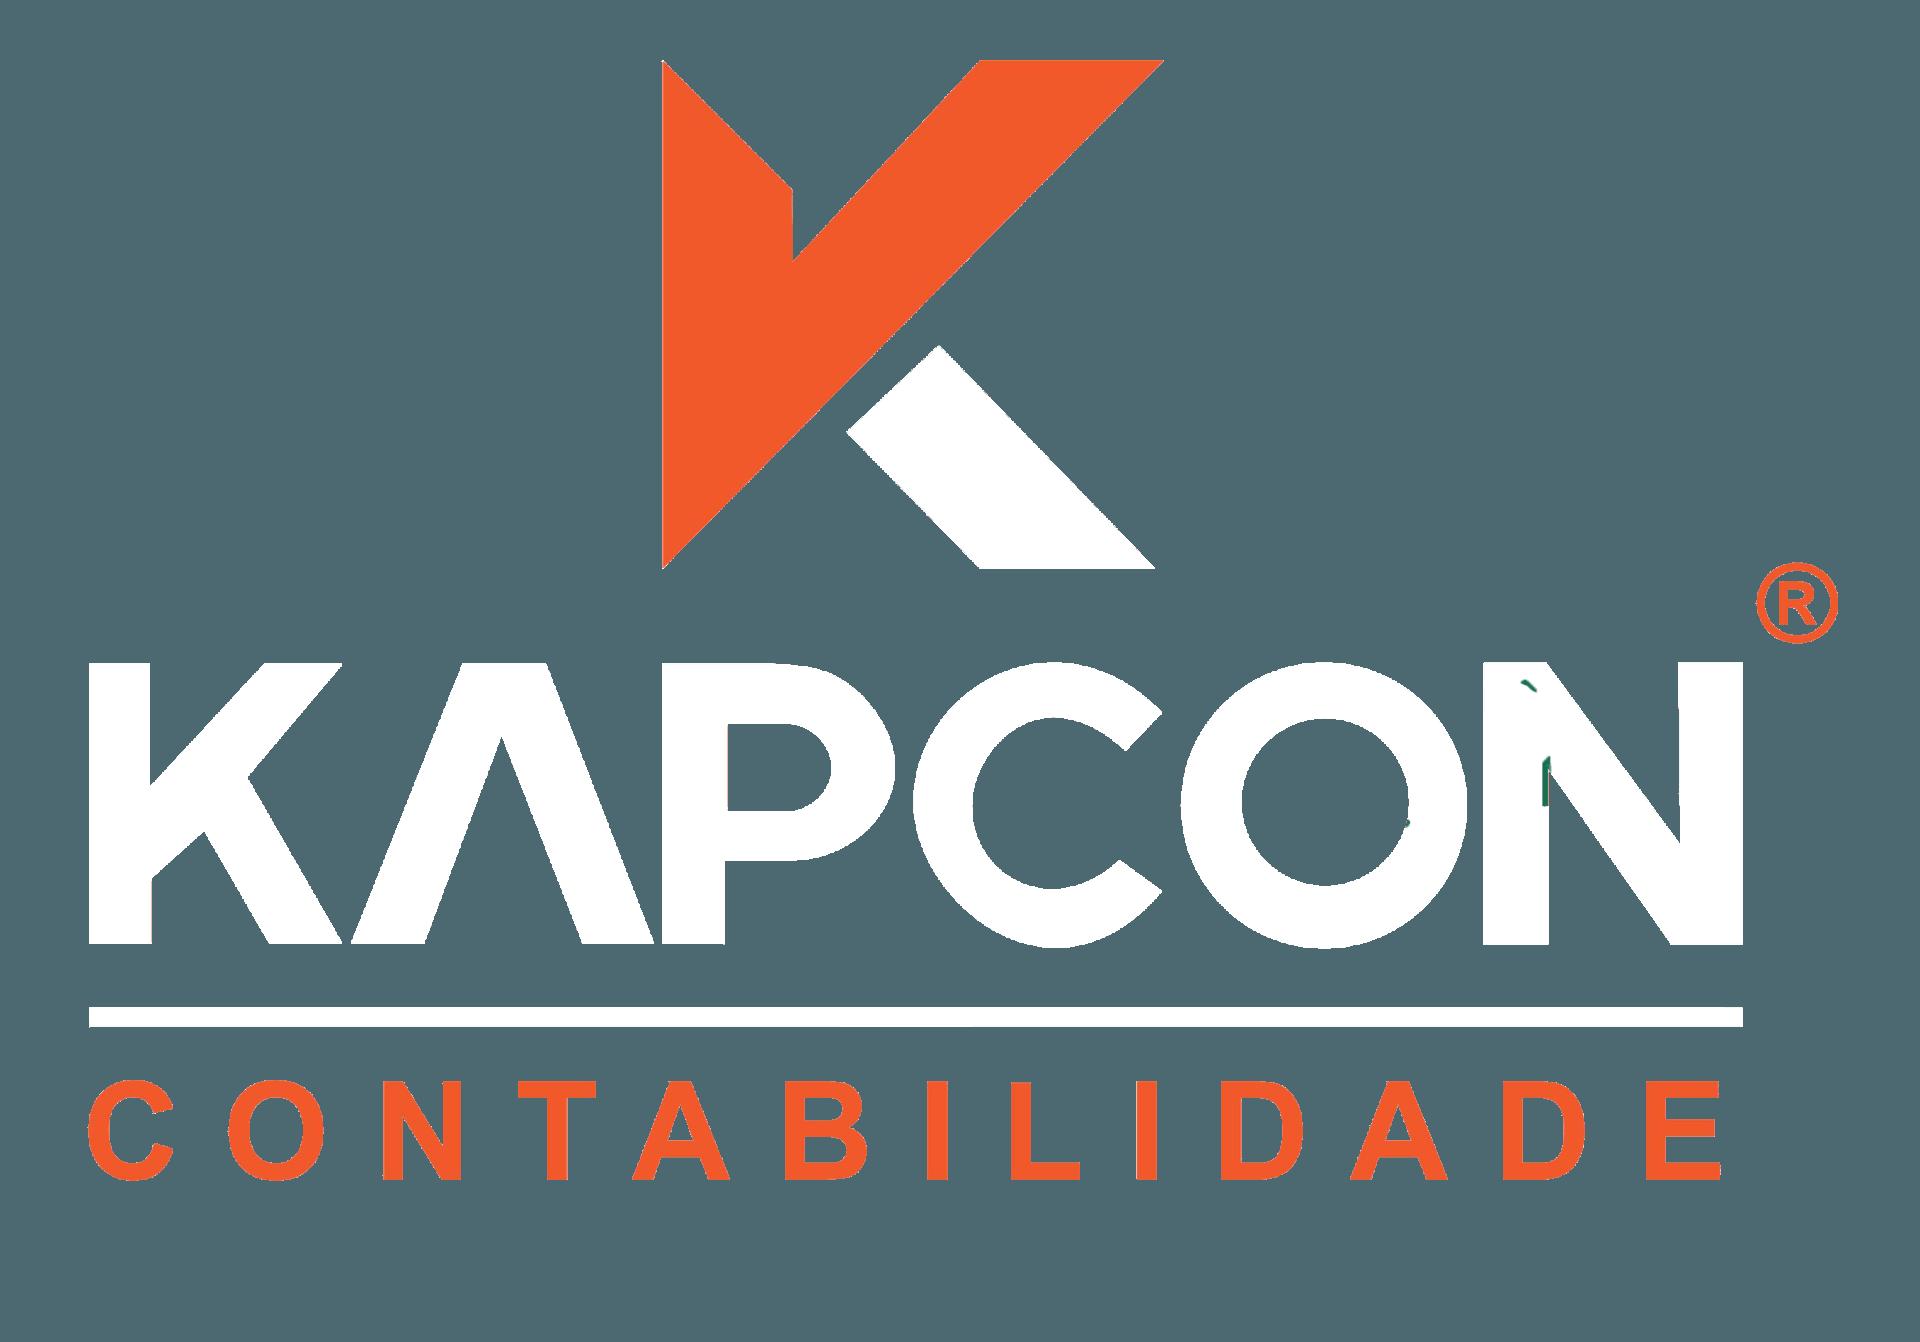 Notícias e Artigos Contábeis em São Paulo | Kapcon Contabilidade